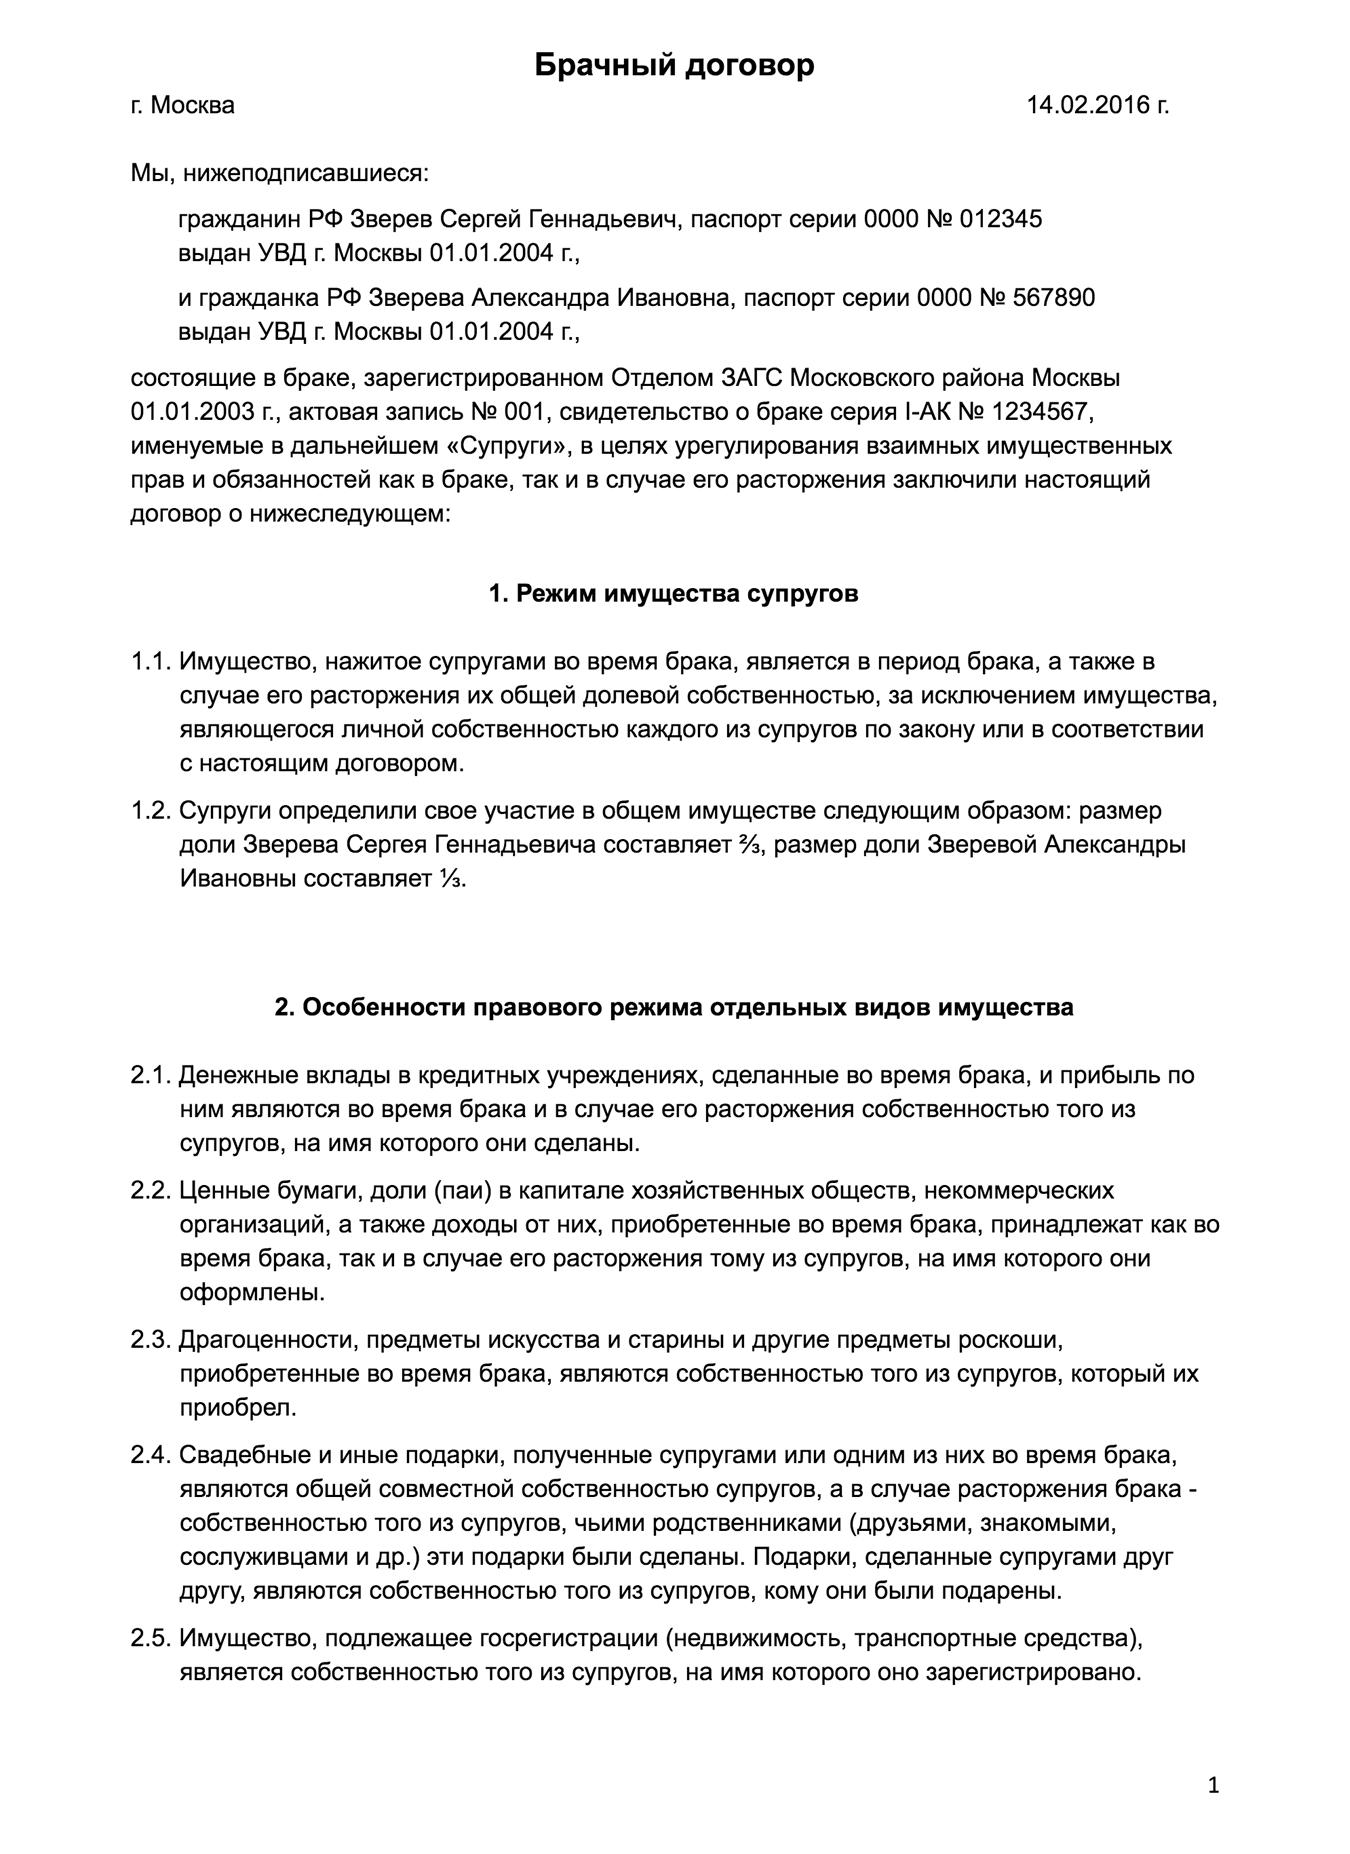 Договор между юр лицами по ремонту санузла в офисе